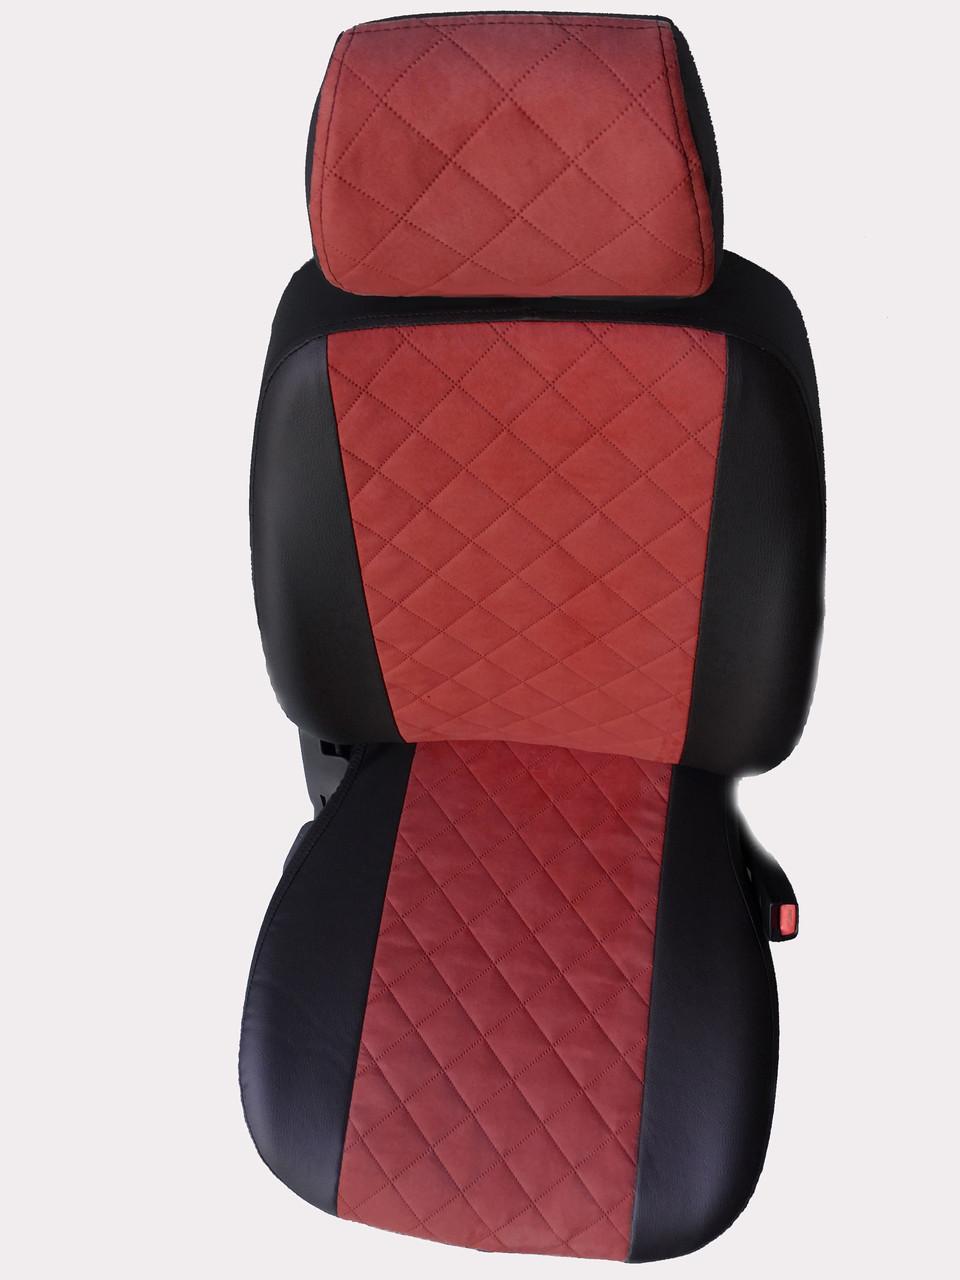 Чехлы на сиденья Форд Мондео (Ford Mondeo) (универсальные, экокожа+Алькантара, с отдельным подголовником)